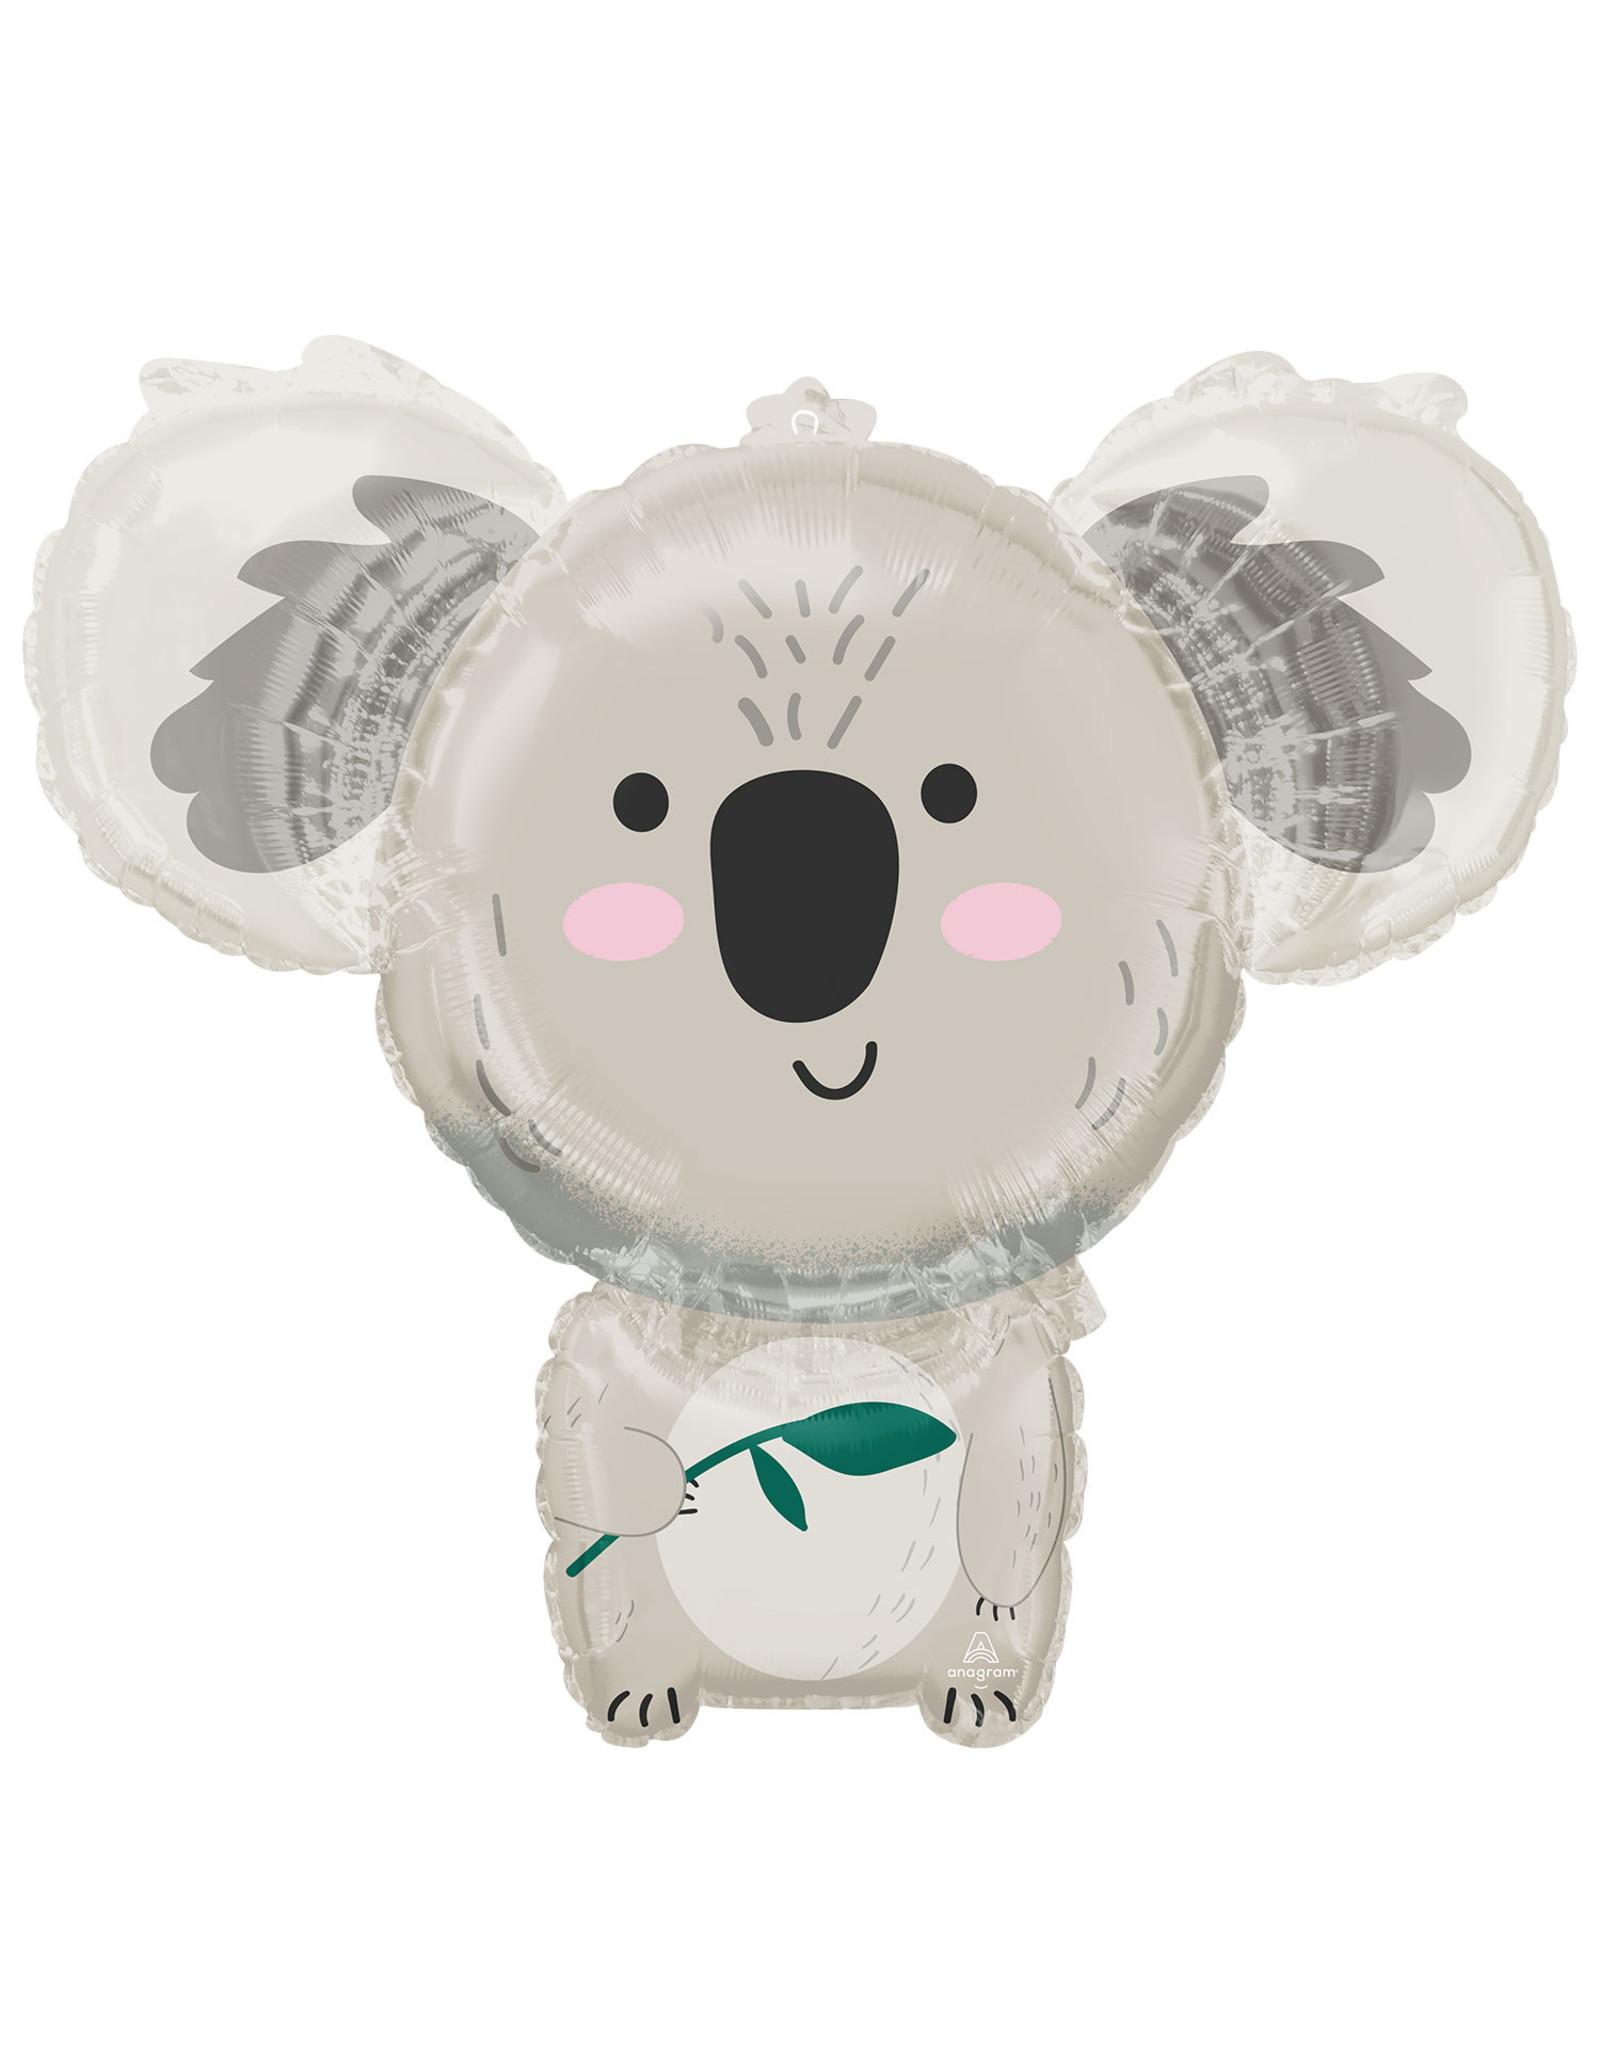 Amscan folieballon koala supershape 71 x 63 cm